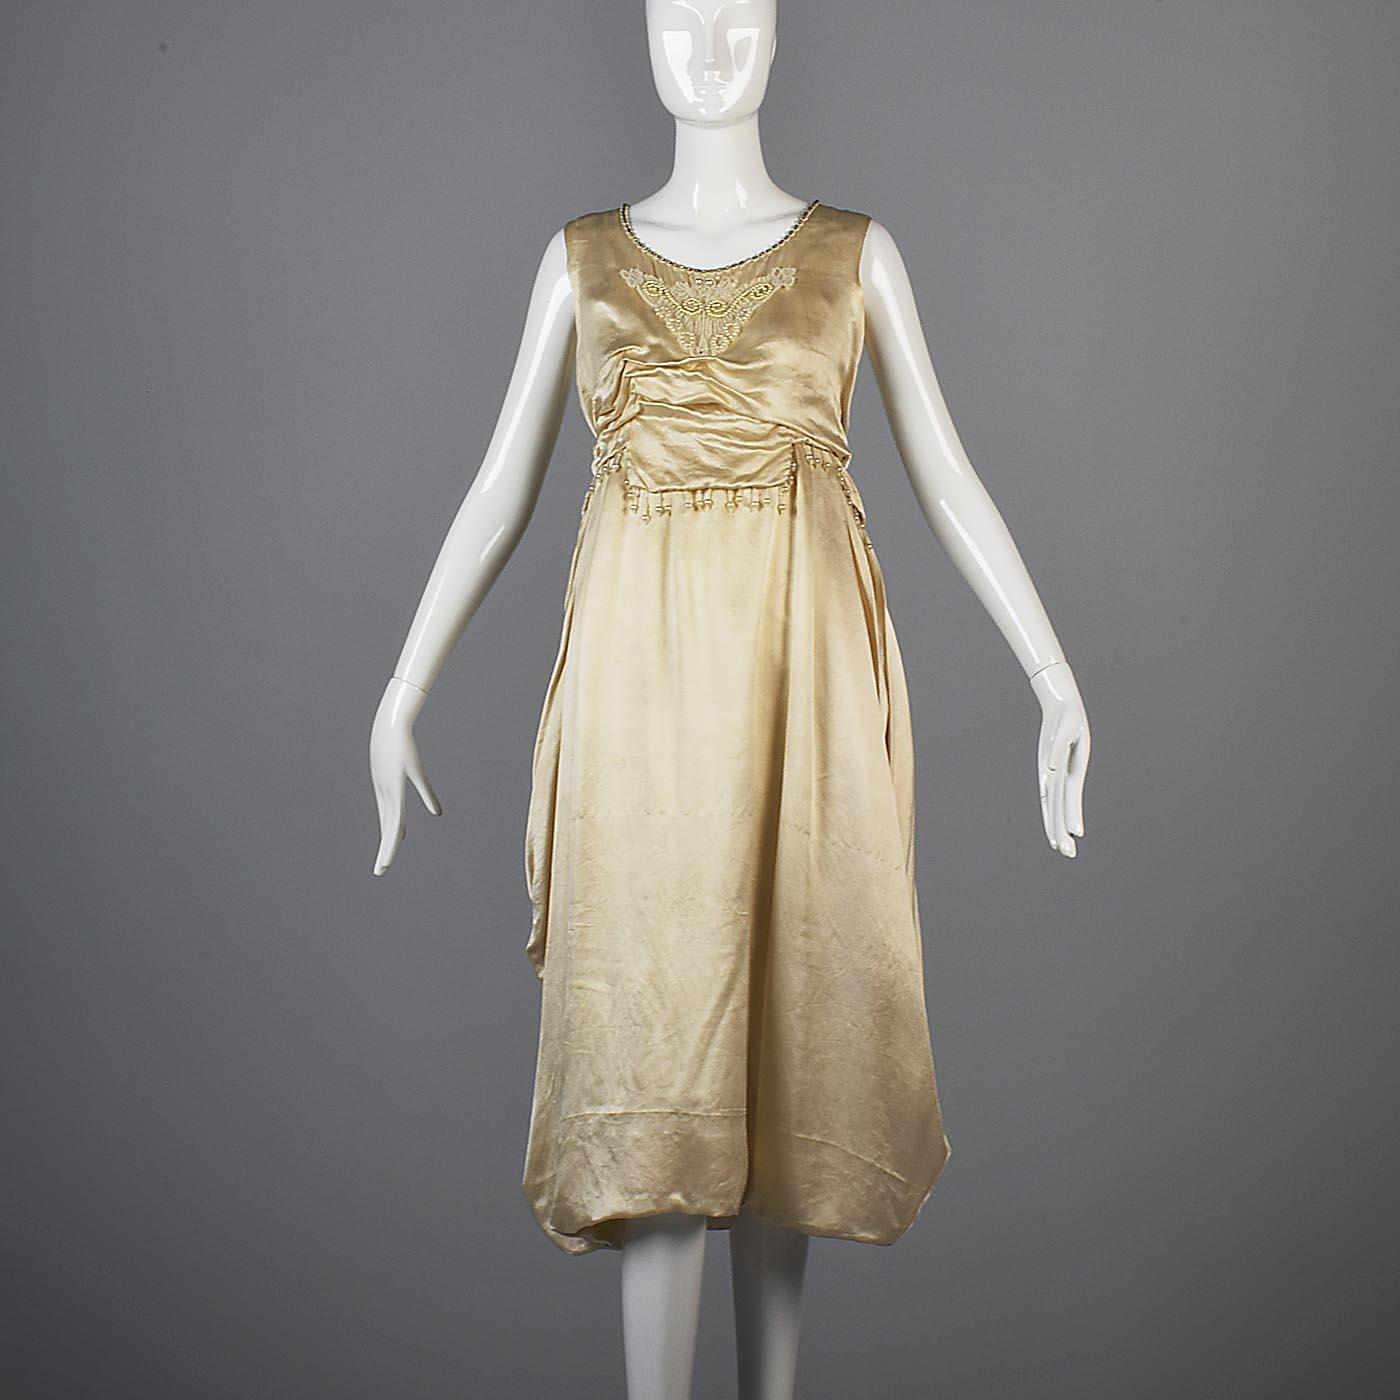 08c415f0cf6 Details about 1920s Ivory Silk Wedding Dress Bridal Gown Antique Bride  Vintage 20s Art Deco